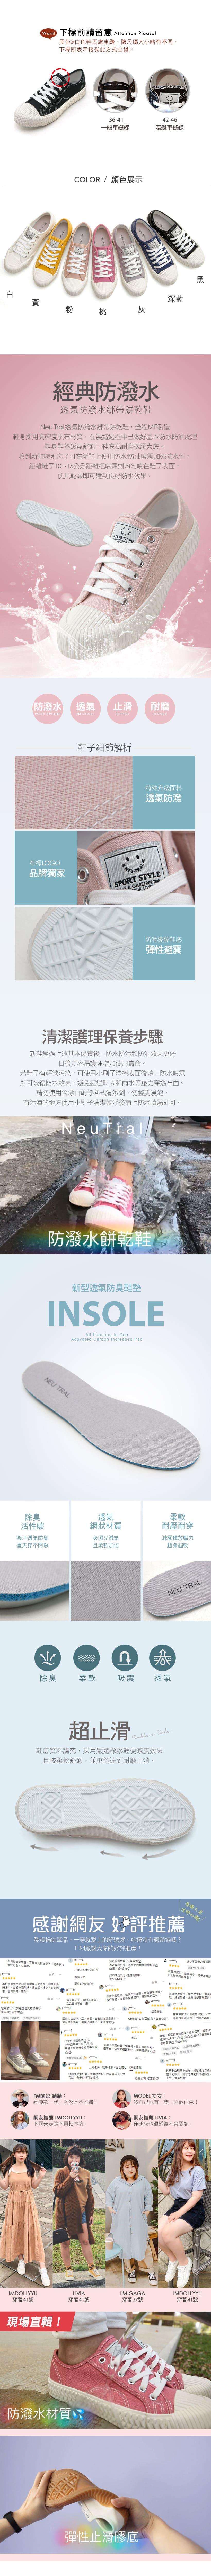 NeuTral-透氣防潑水綁帶餅乾鞋-淺粉